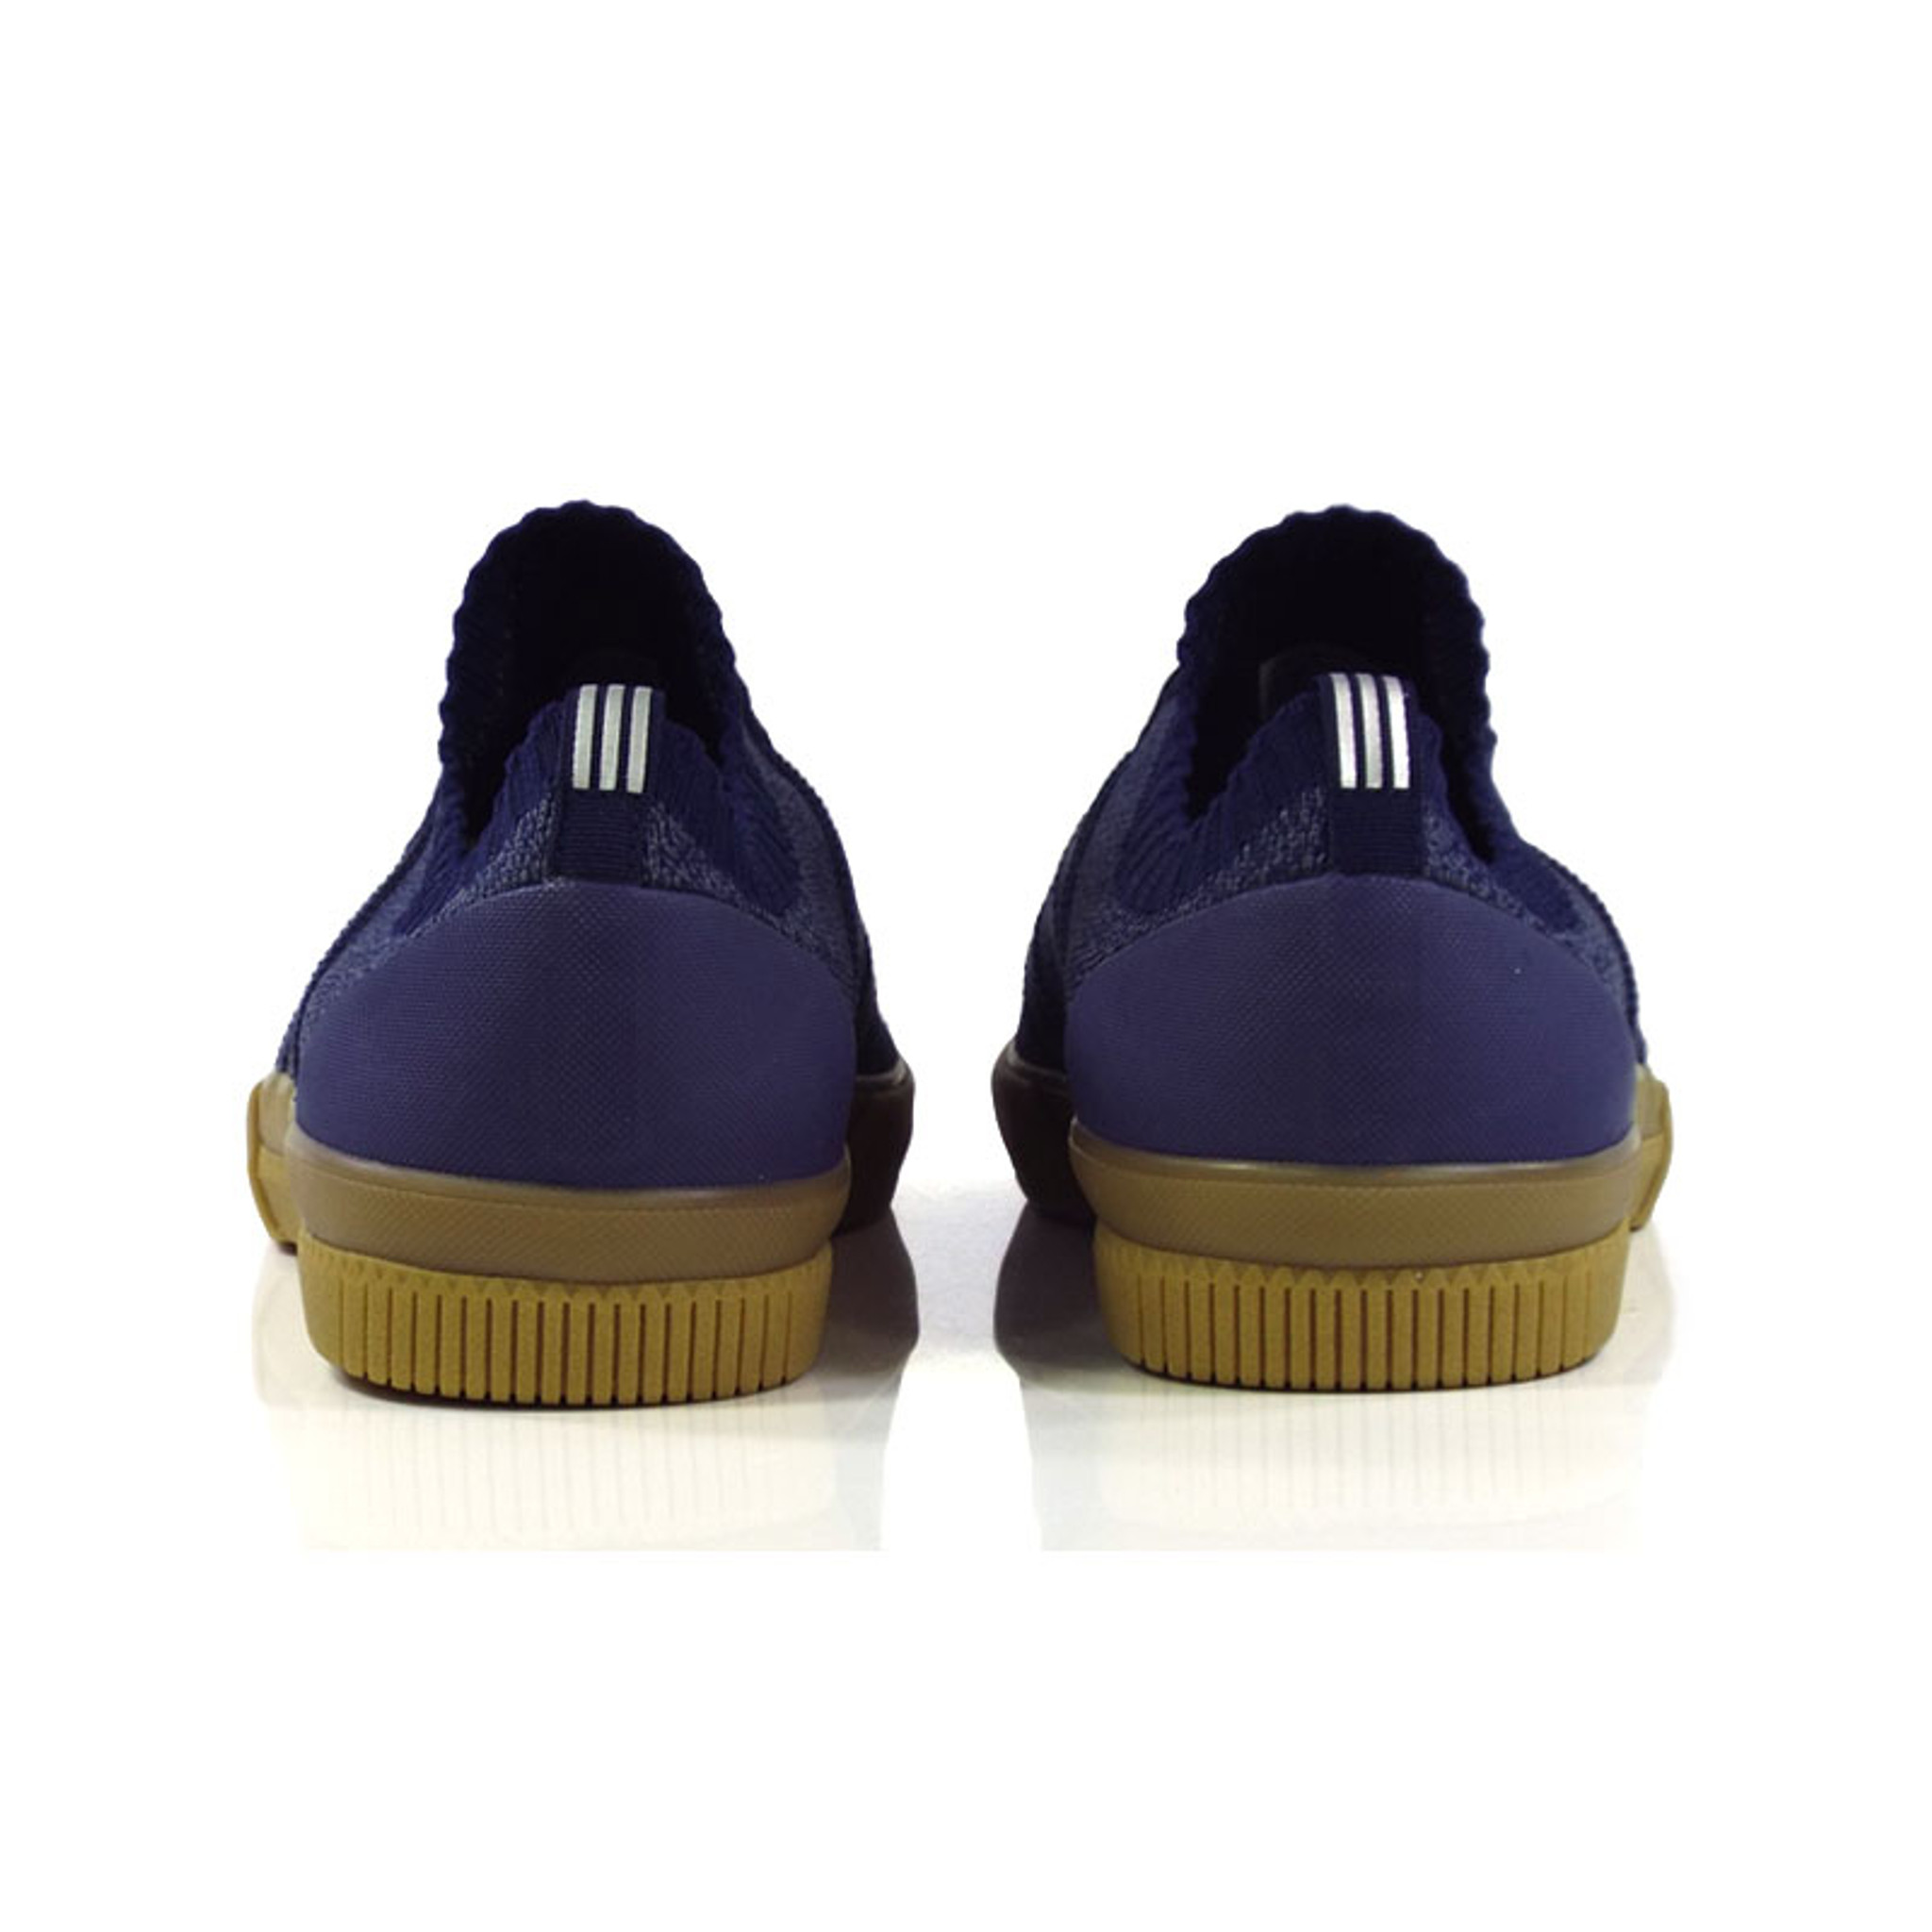 material Desgracia espíritu  Adidas Lucas Premiere Primeknit Shoes - Collegiate Navy/Onix /Gum - Detroit  City Skateboards Co.